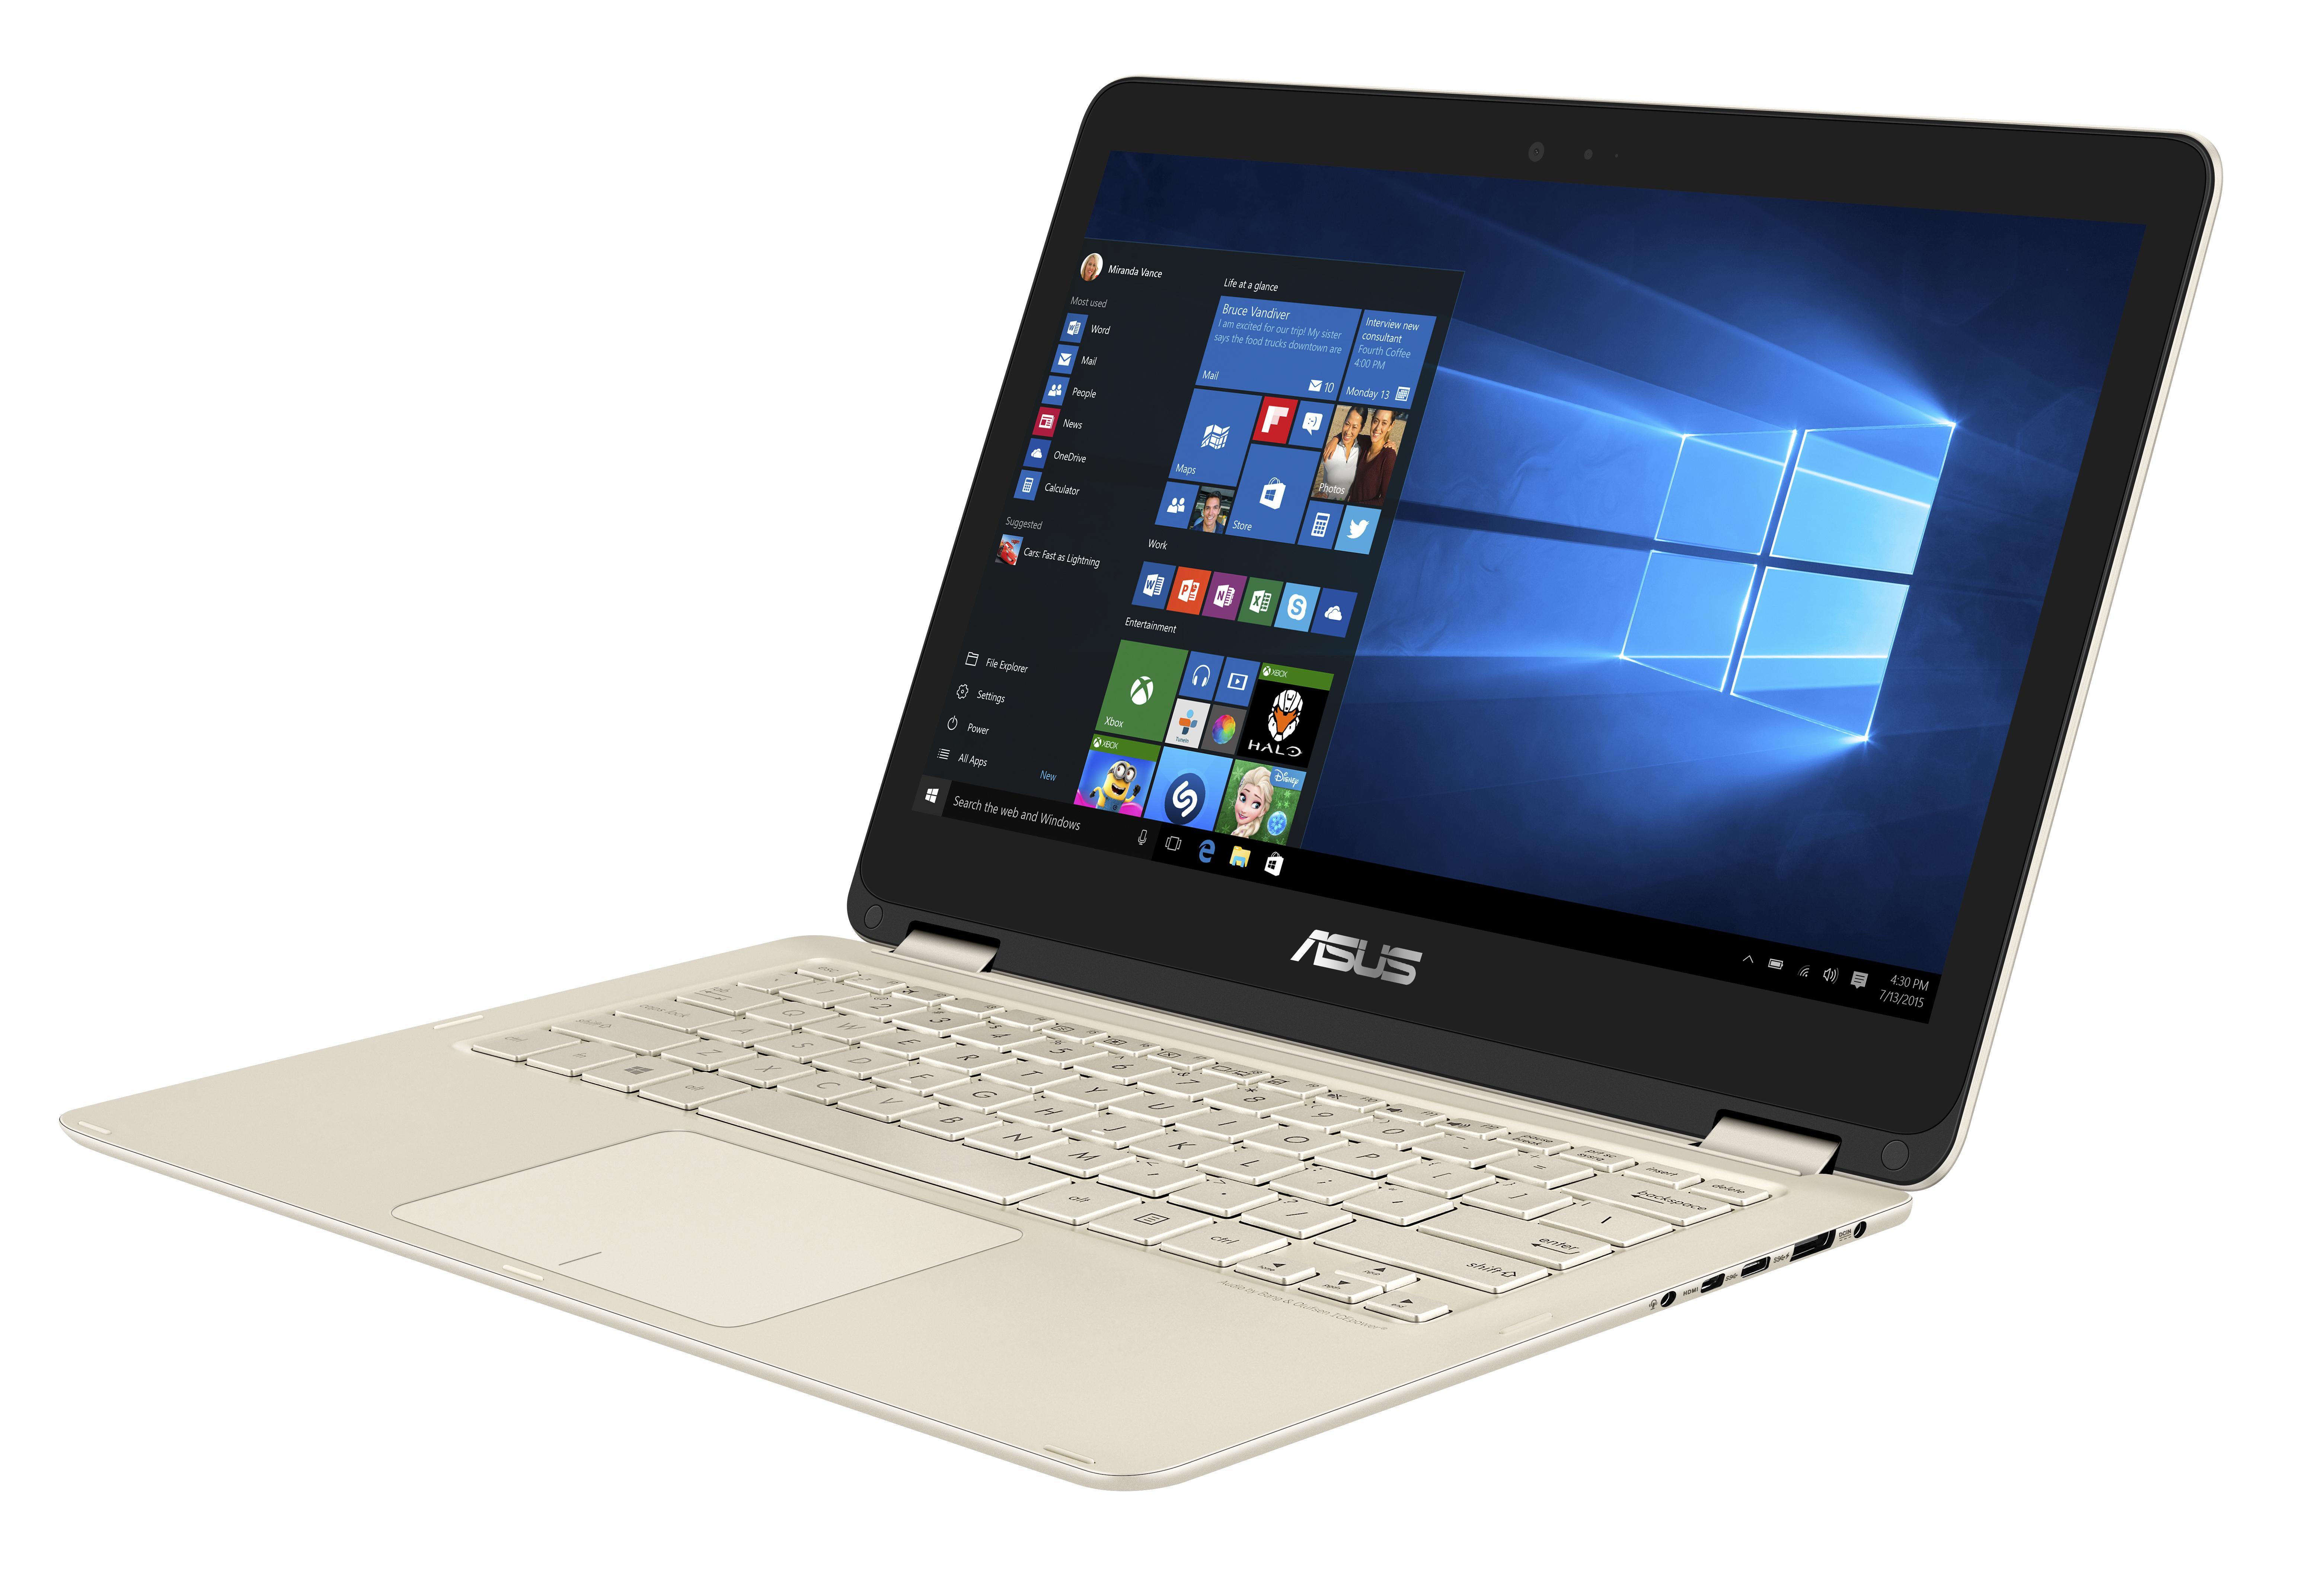 ASUS UX360CA 13.3T/6Y30/256SSD/8G/W10 zlatý